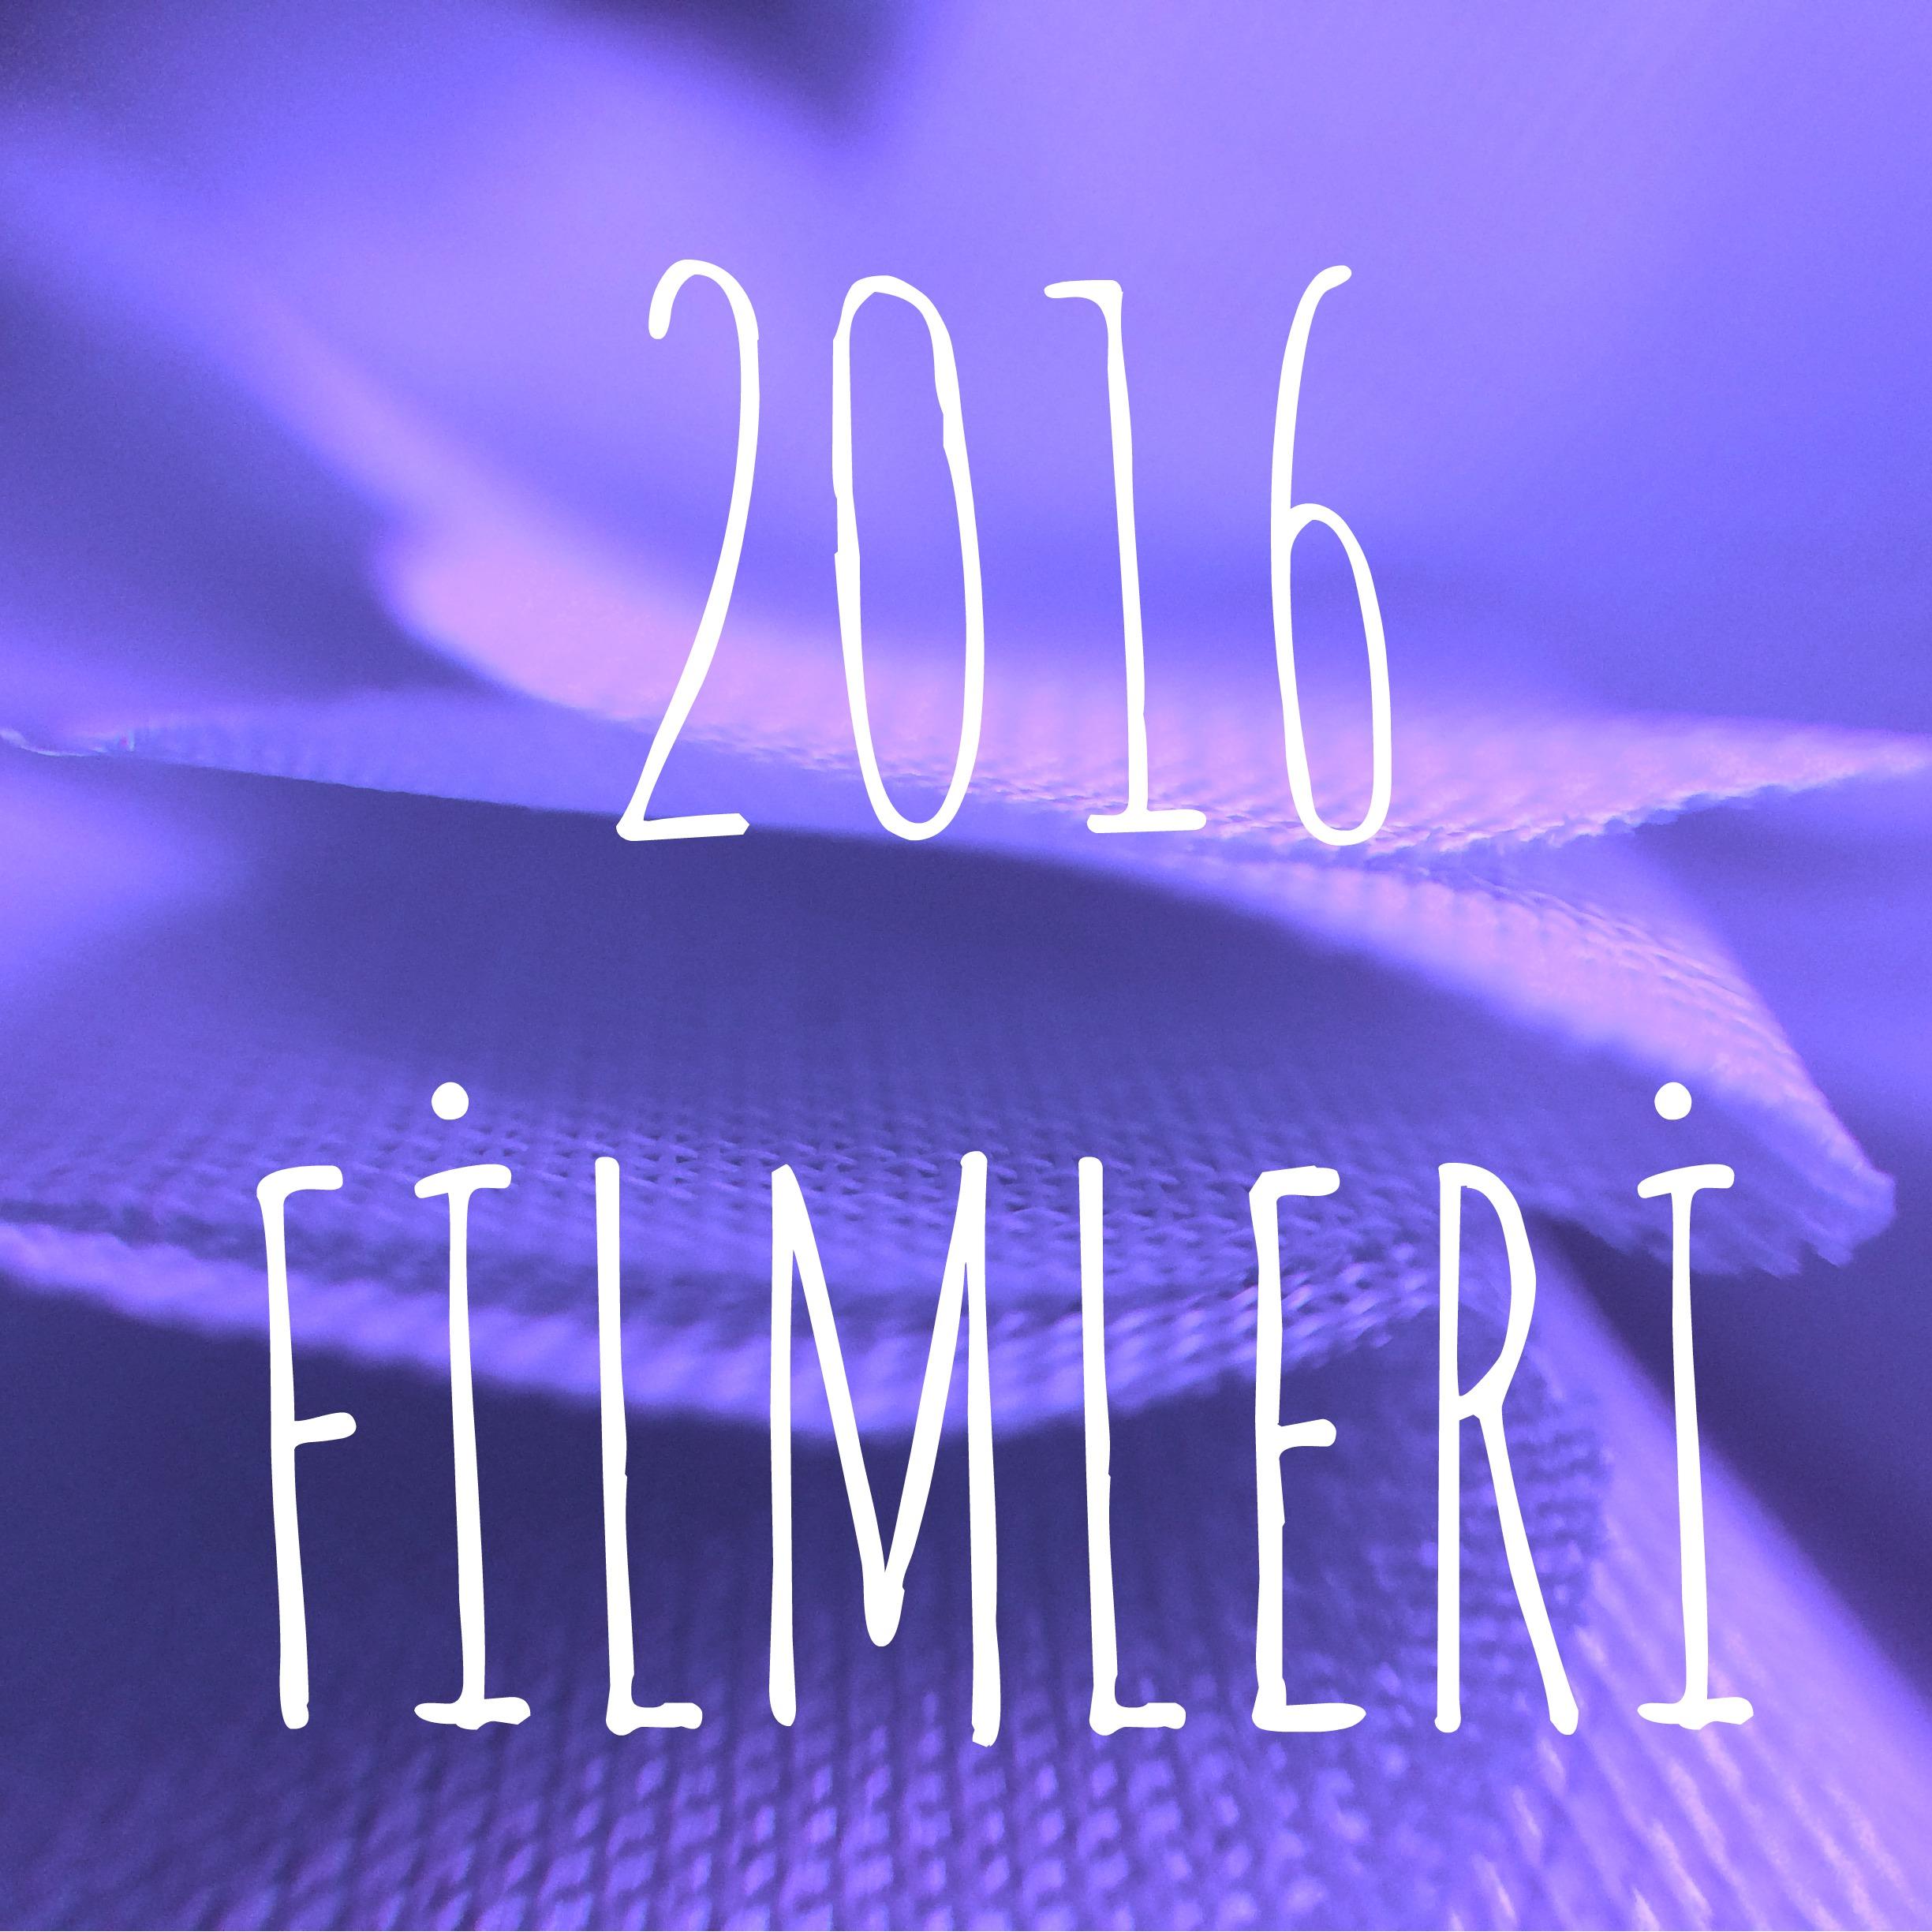 Birer Cümlede 2016 Film Tavsiyeleri